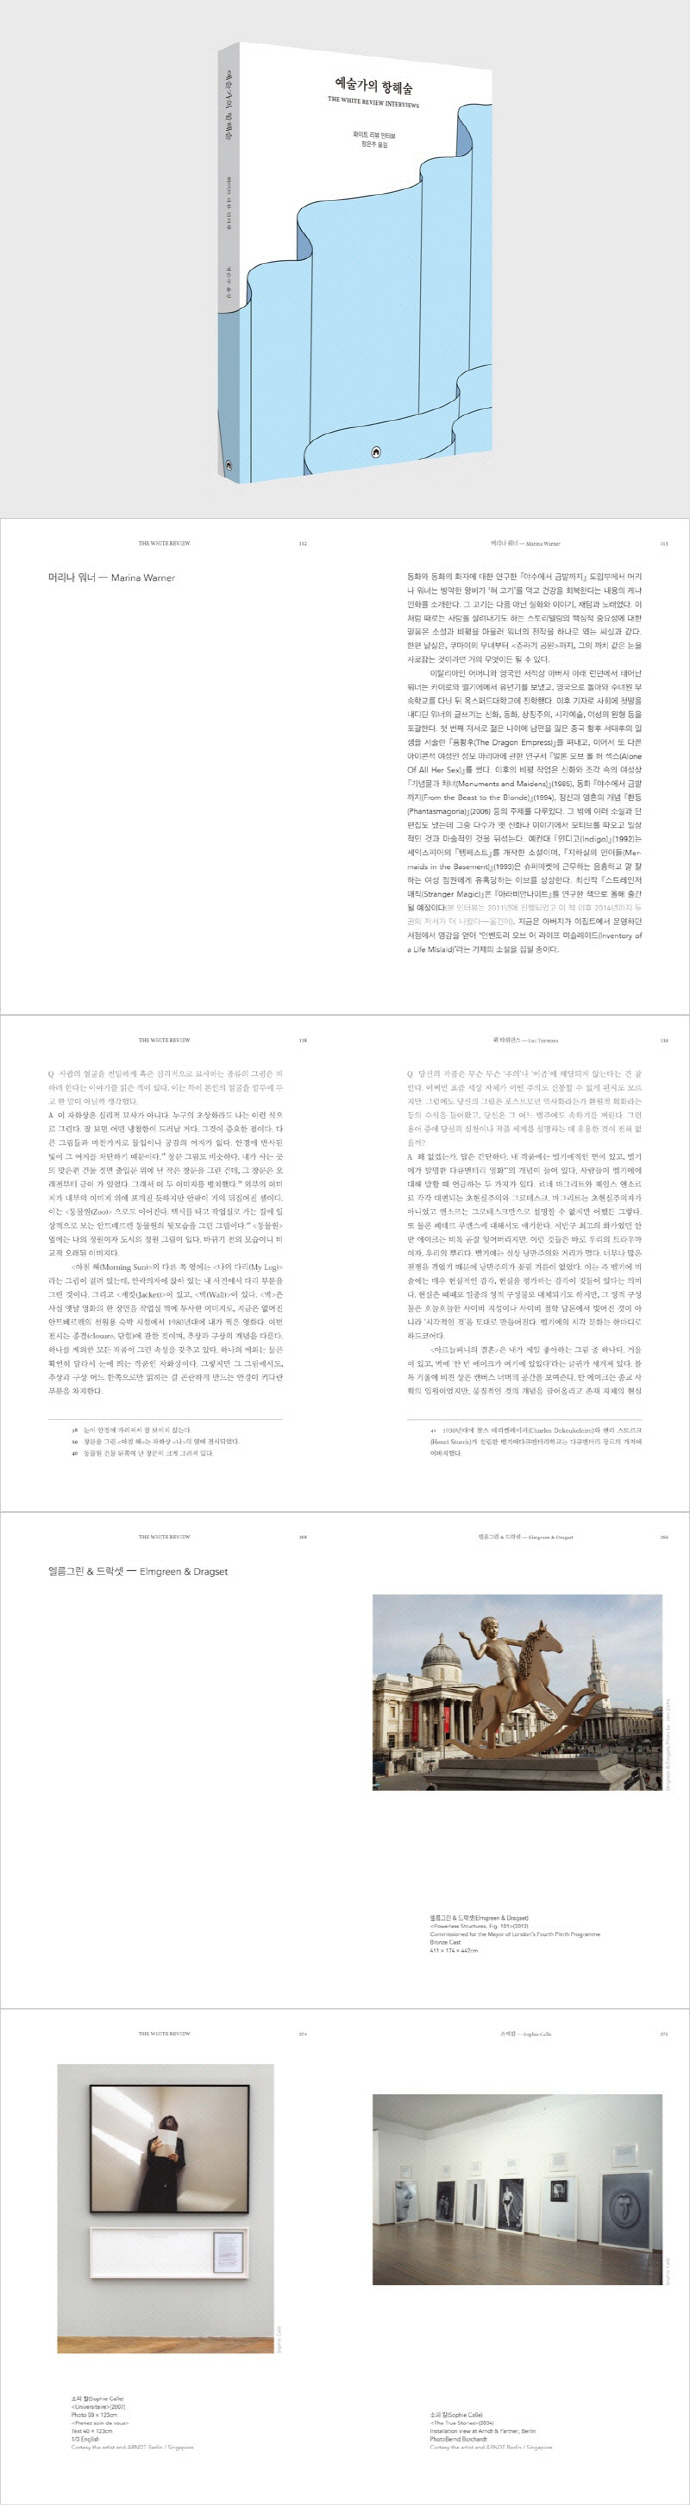 예술가의 항해술 도서 상세이미지